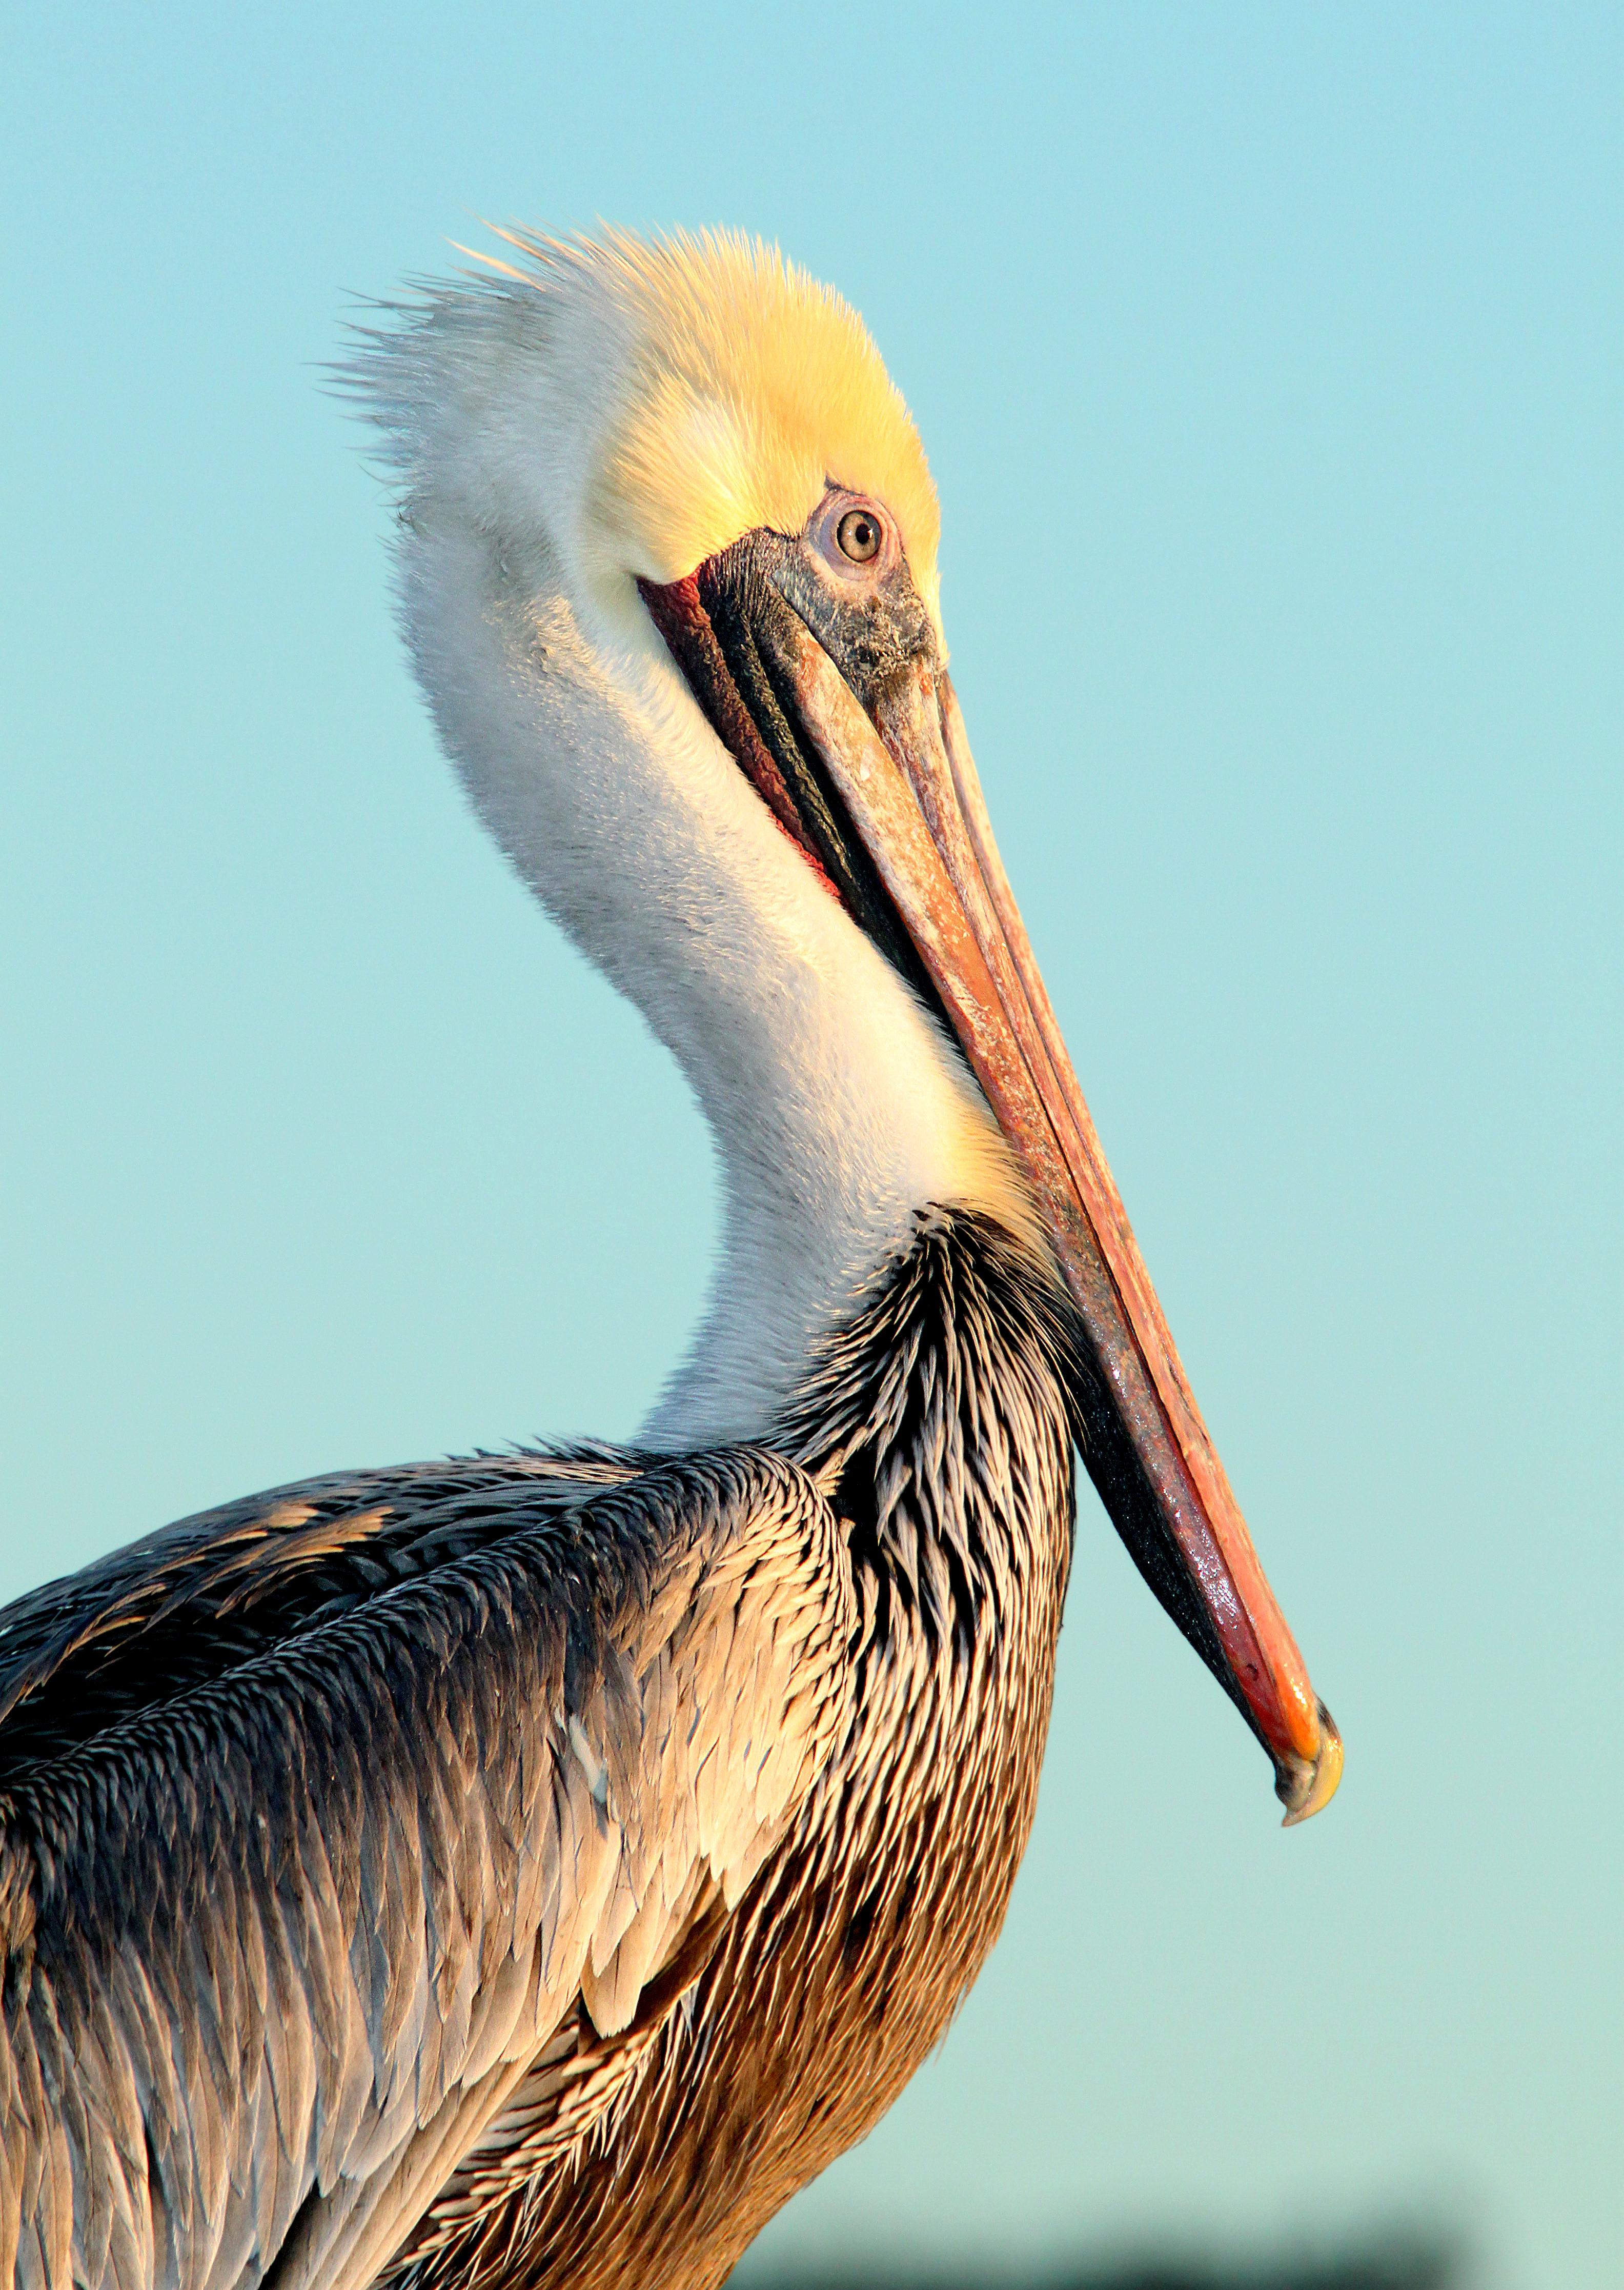 176 - BROWN PELICAN (12-13-09) morro bay, slo co, ca (3), Animal, Aquatic bird, Bird, Outdoor, HQ Photo